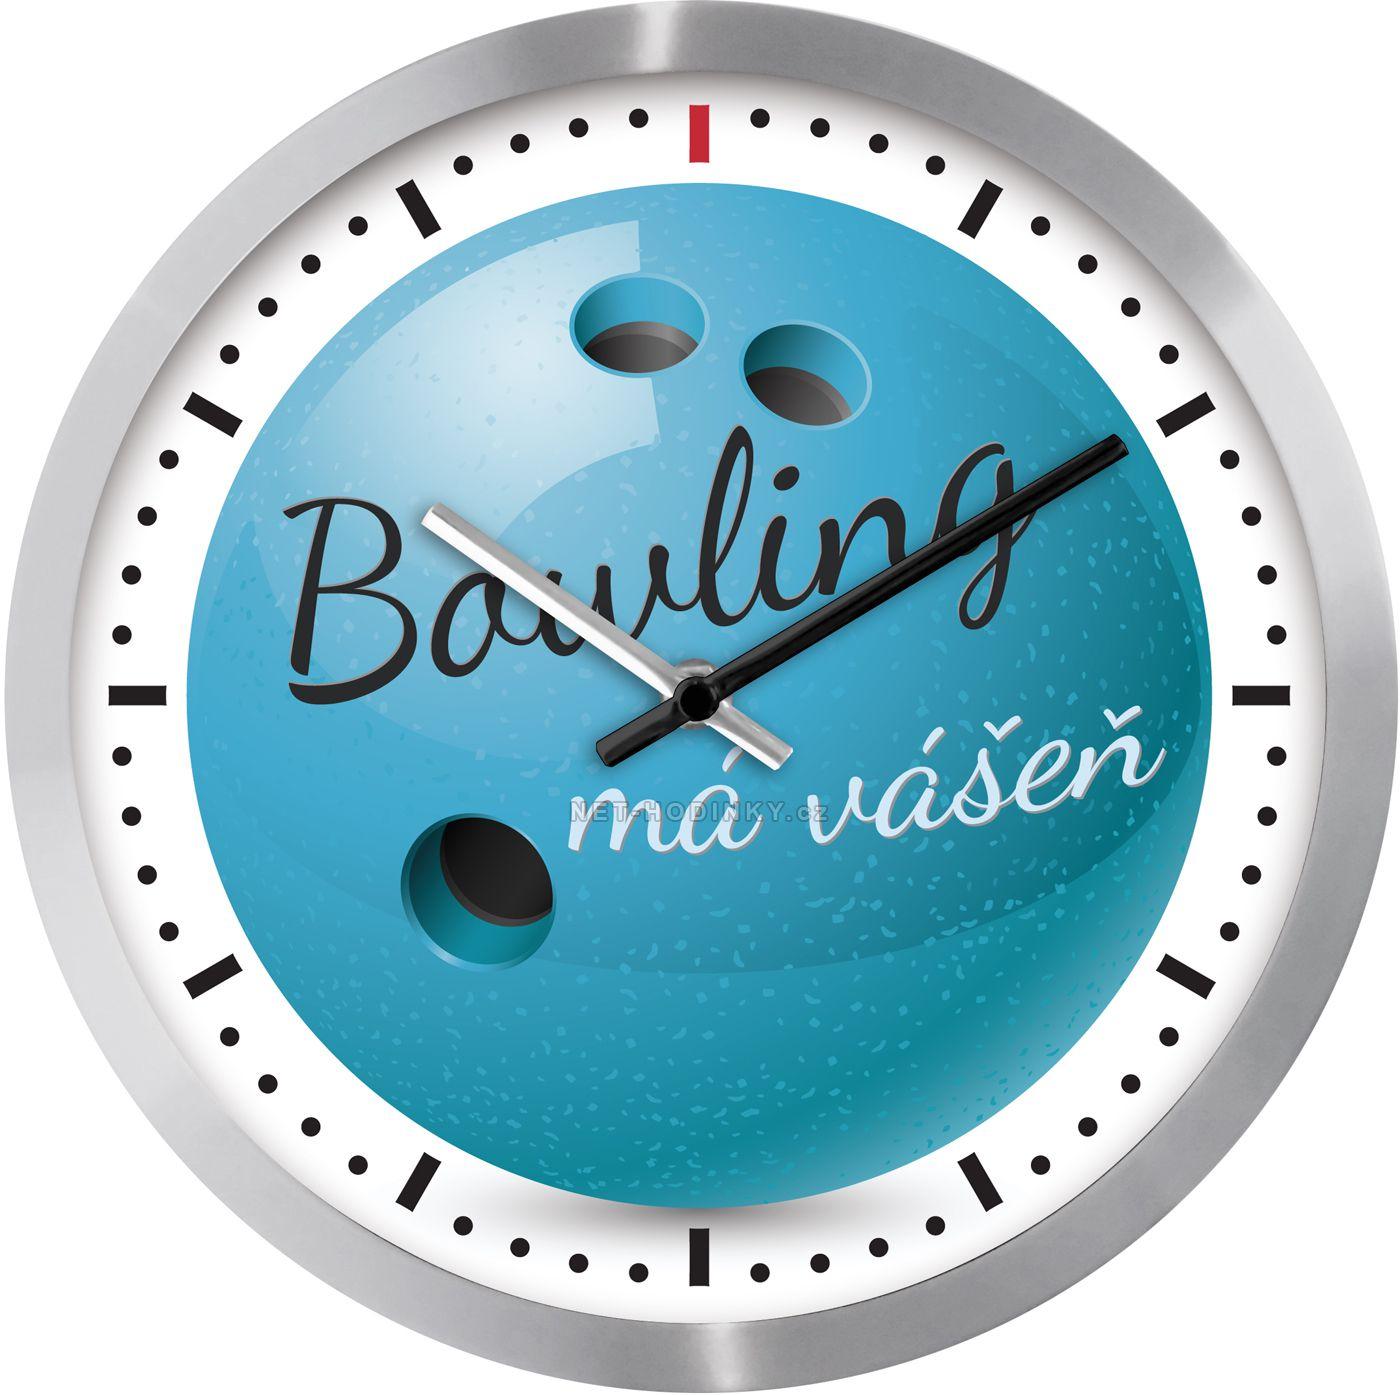 Nástěnné hodiny na stěnu Volleyball, Bowling, Basketbal, Fotbal, nástěnné hodiny na zeď, dětské hodiny H926O